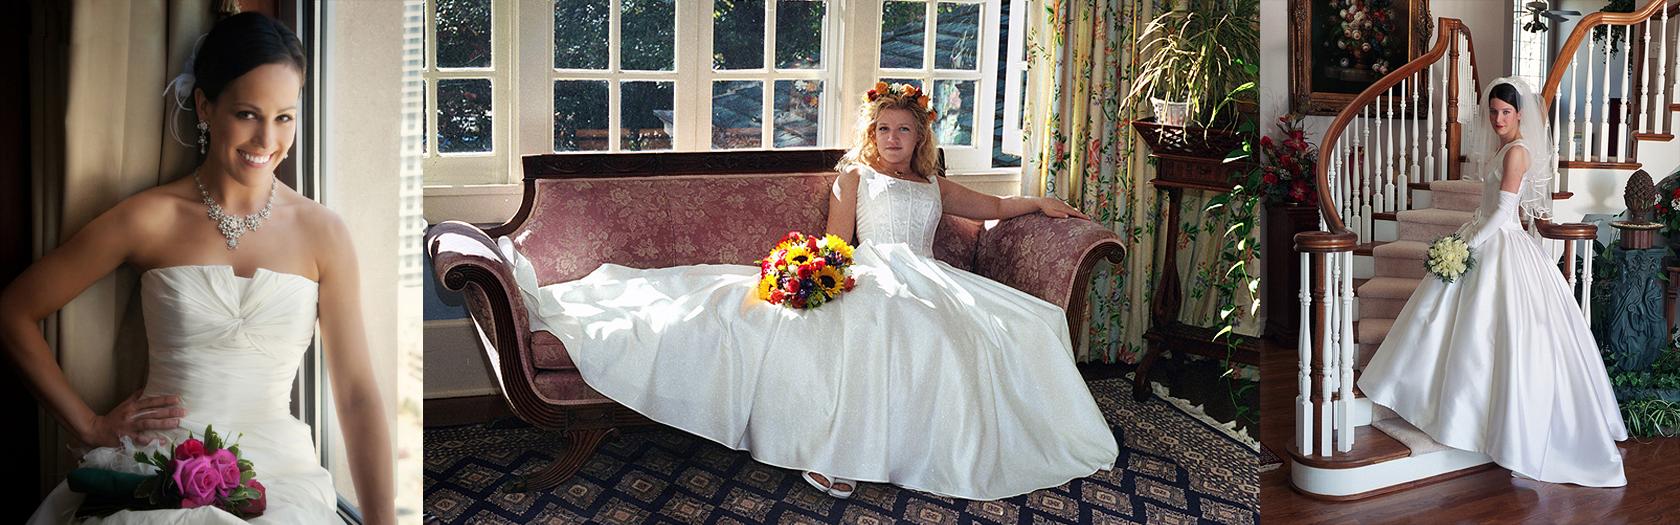 bridal_slider_indoor